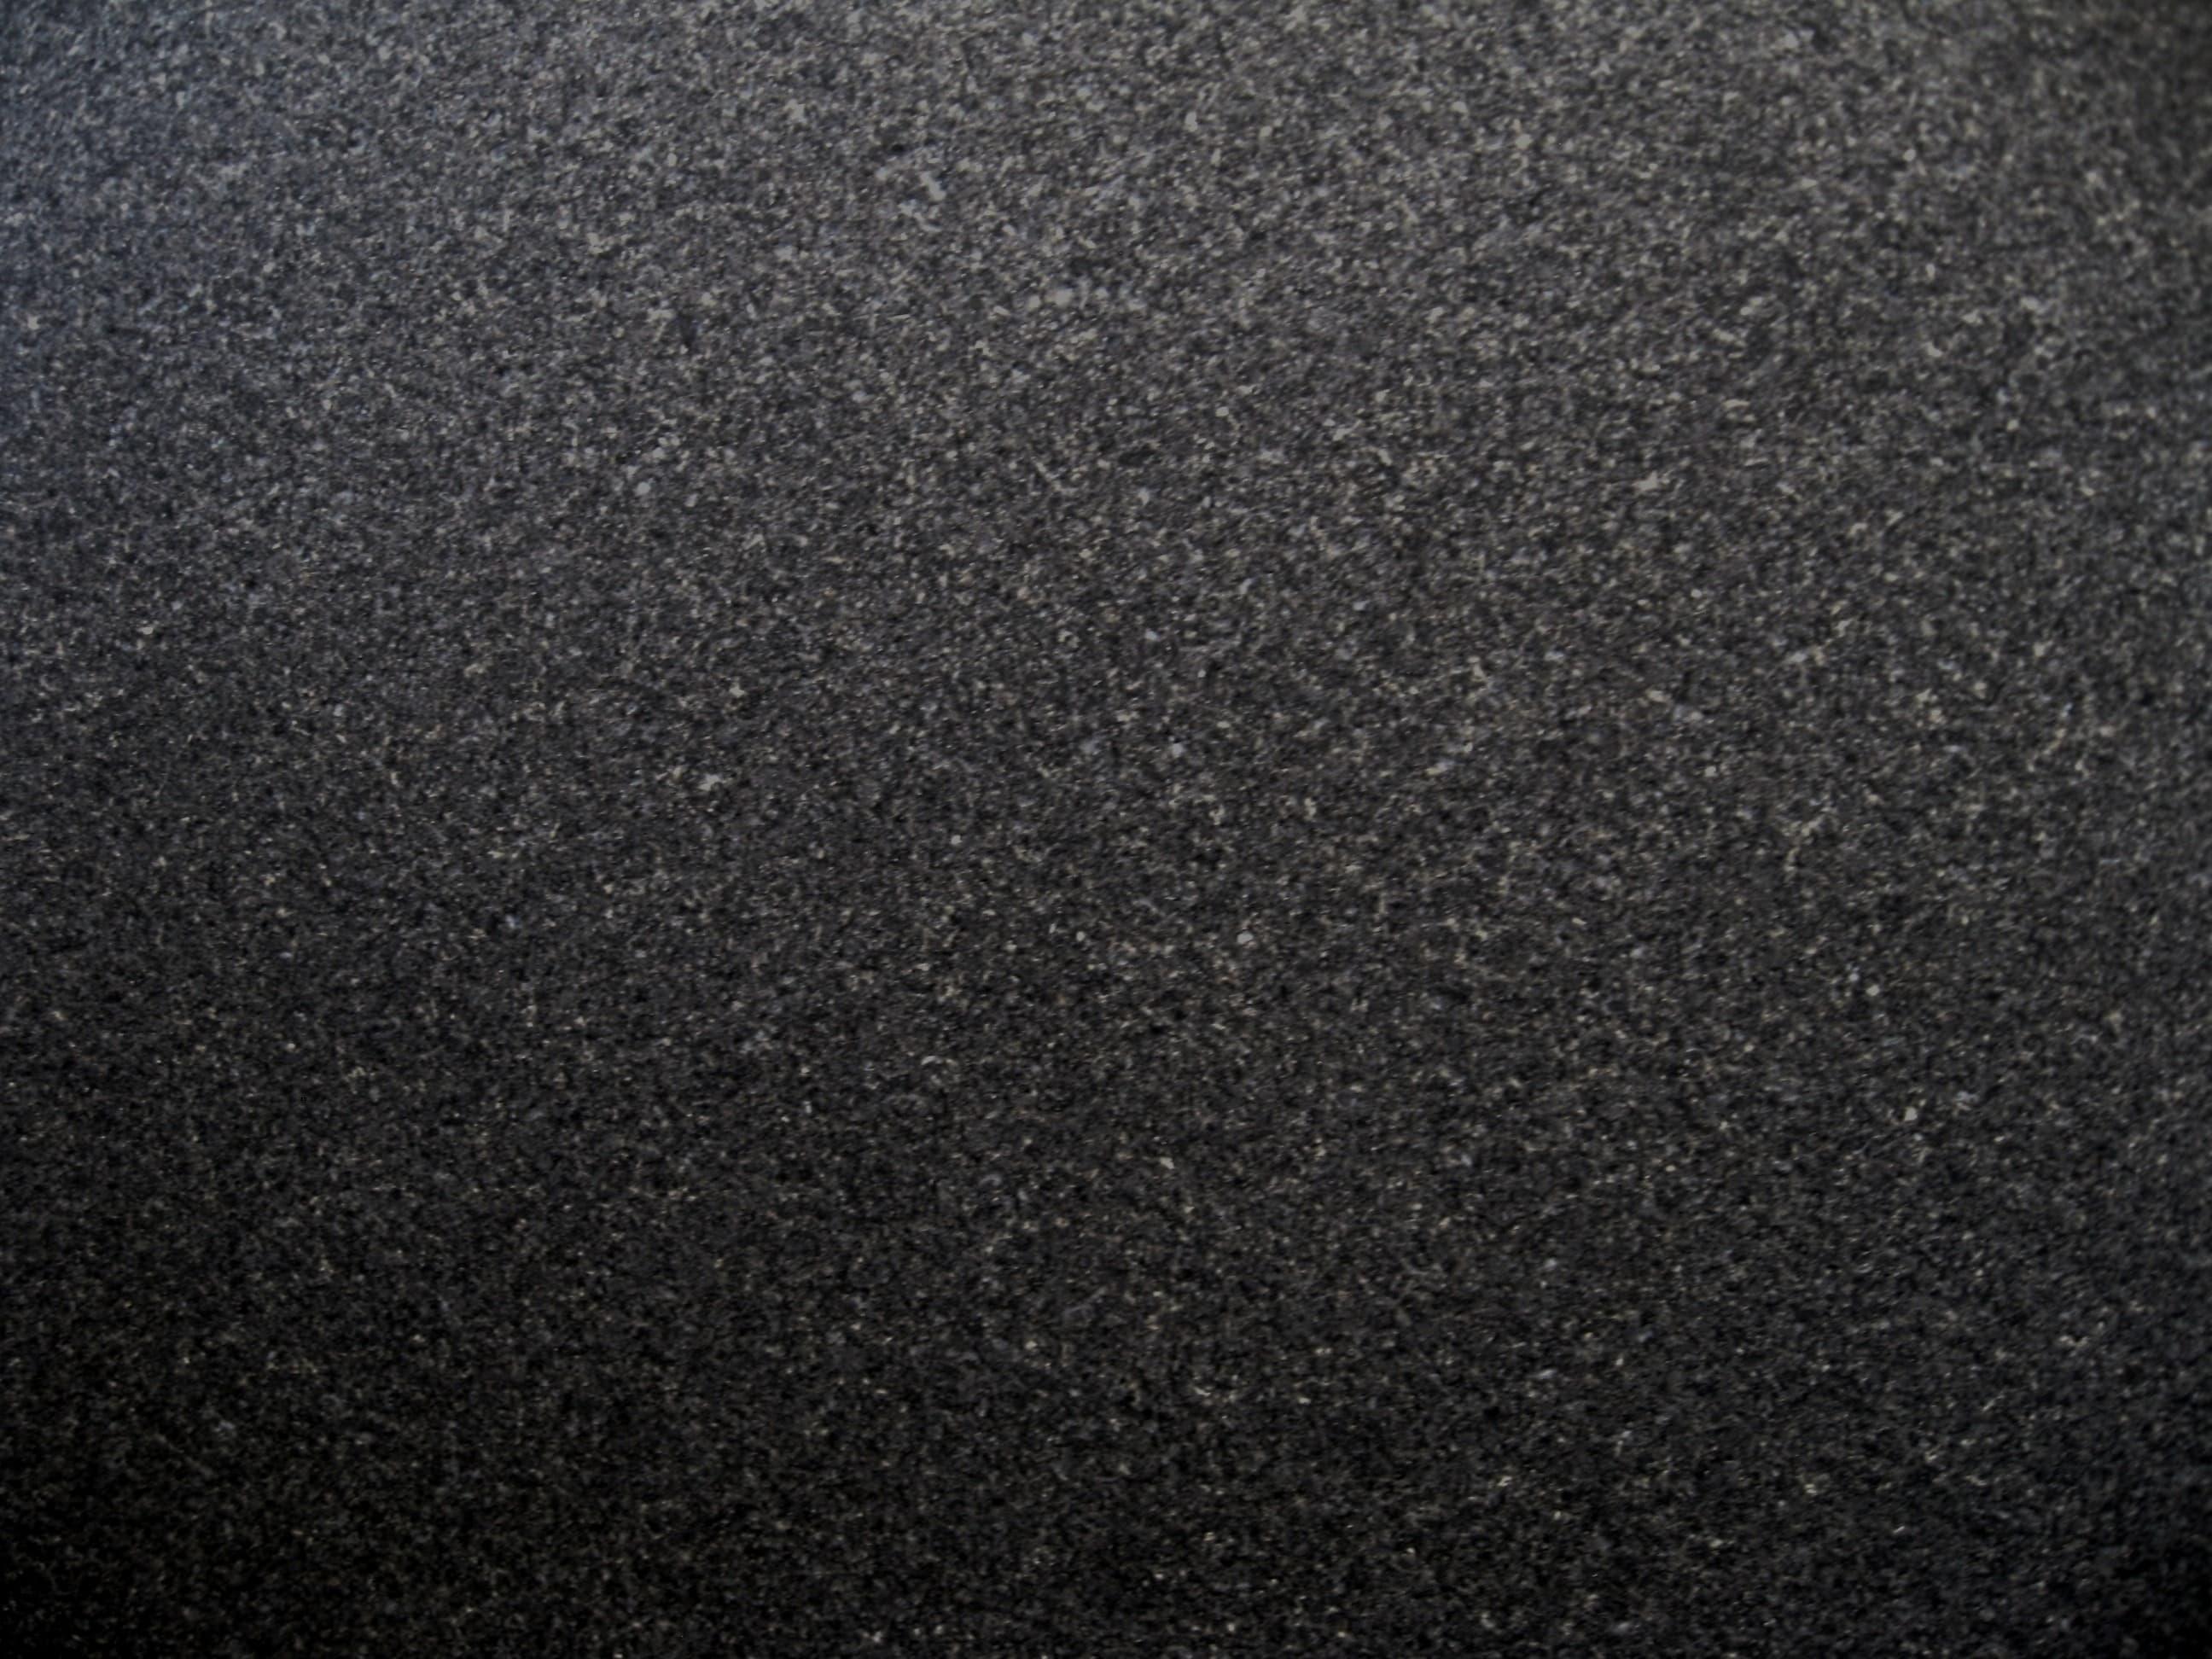 Types 12 Absolute Black Granite